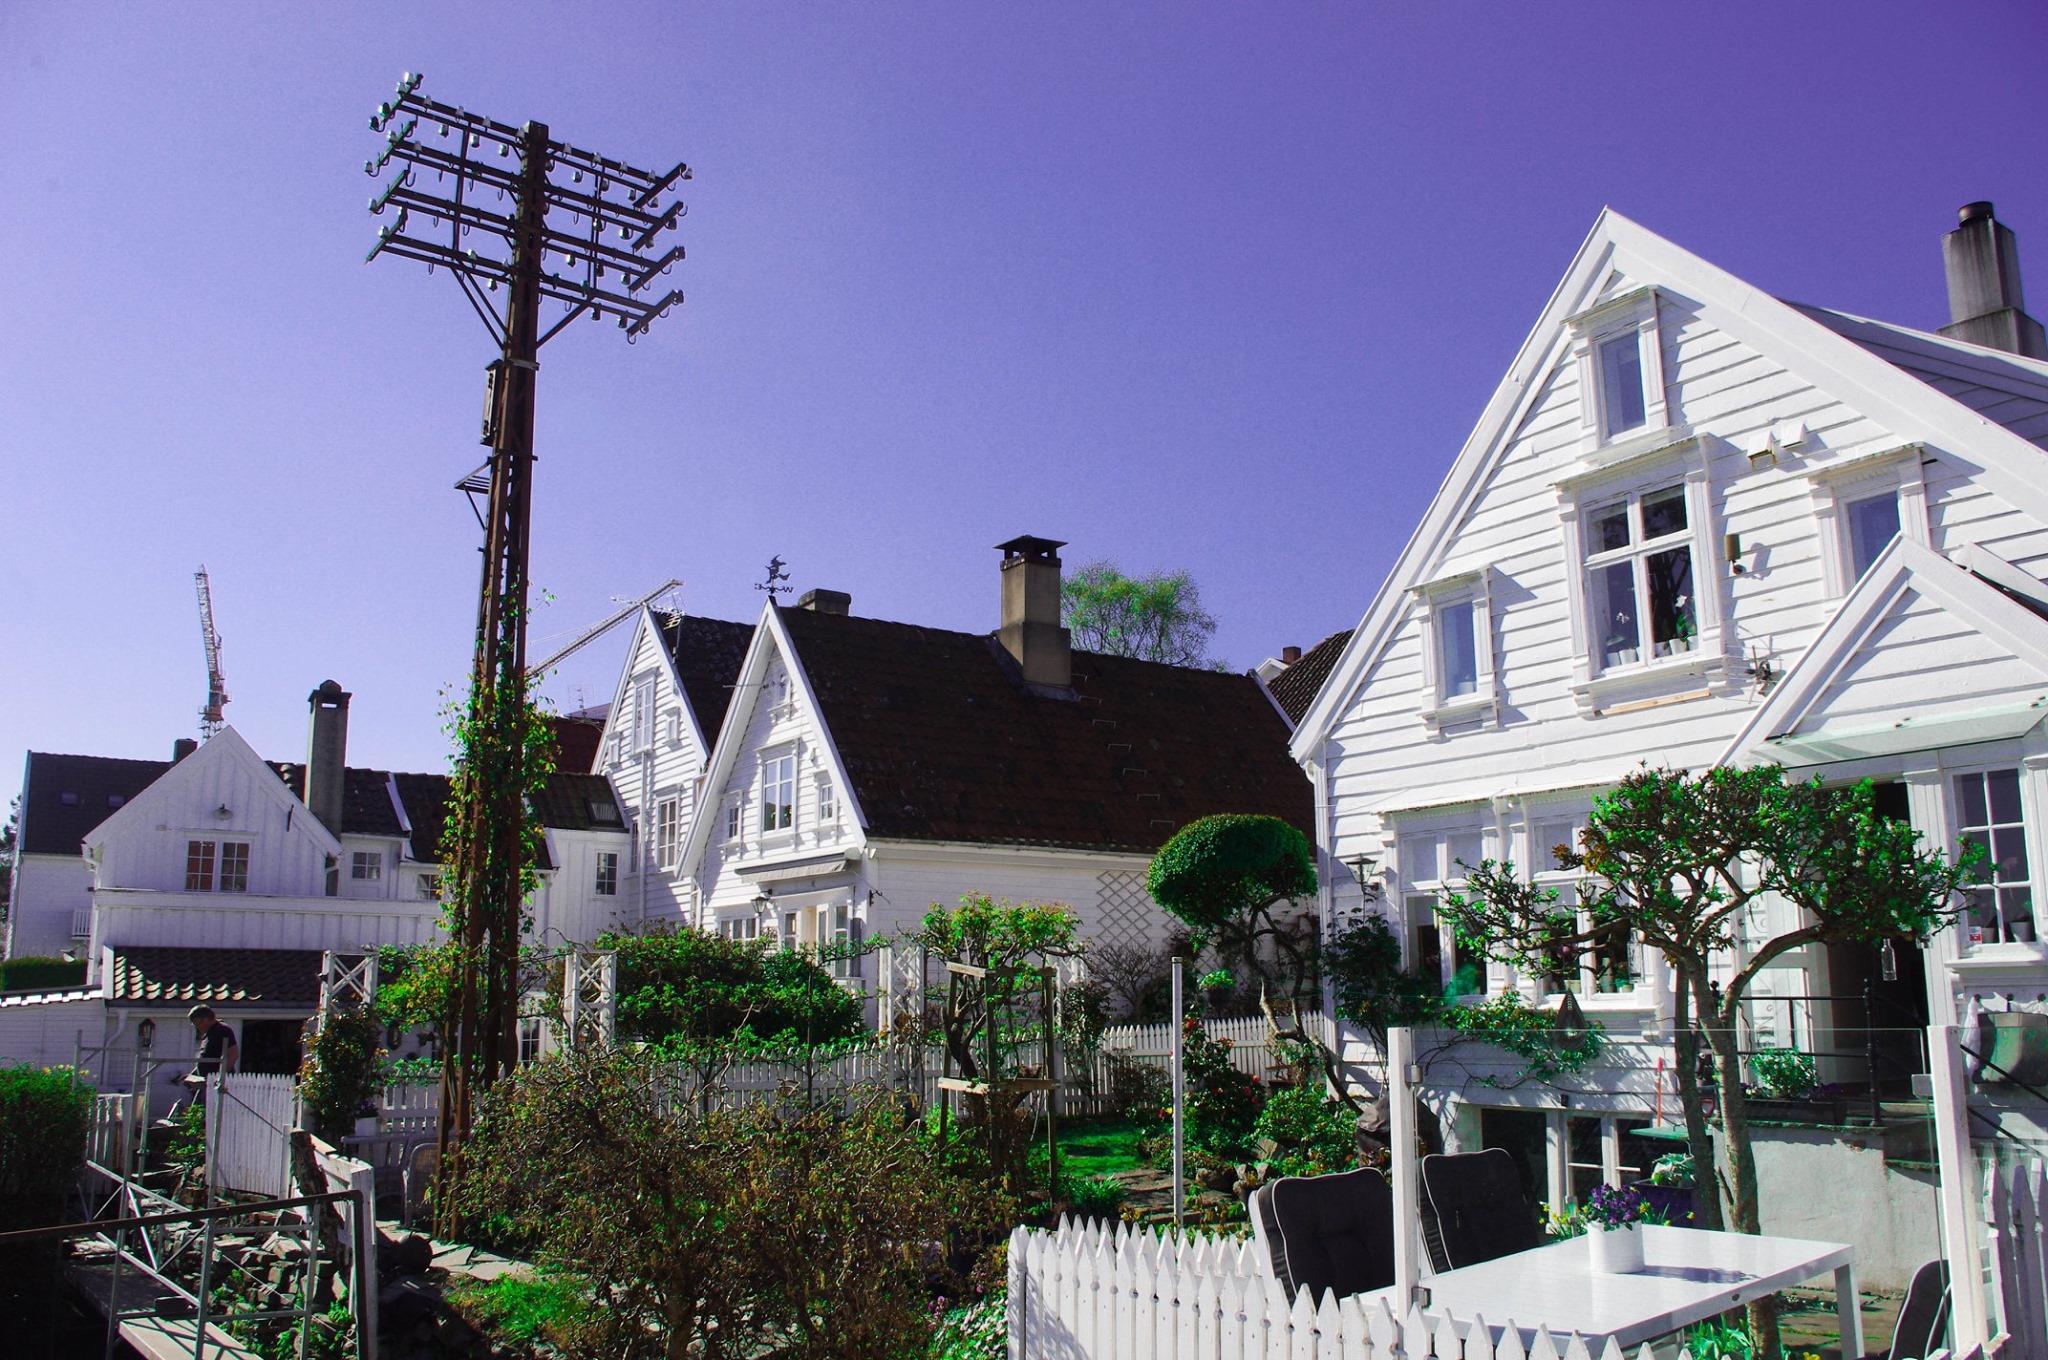 Stravanger Houses